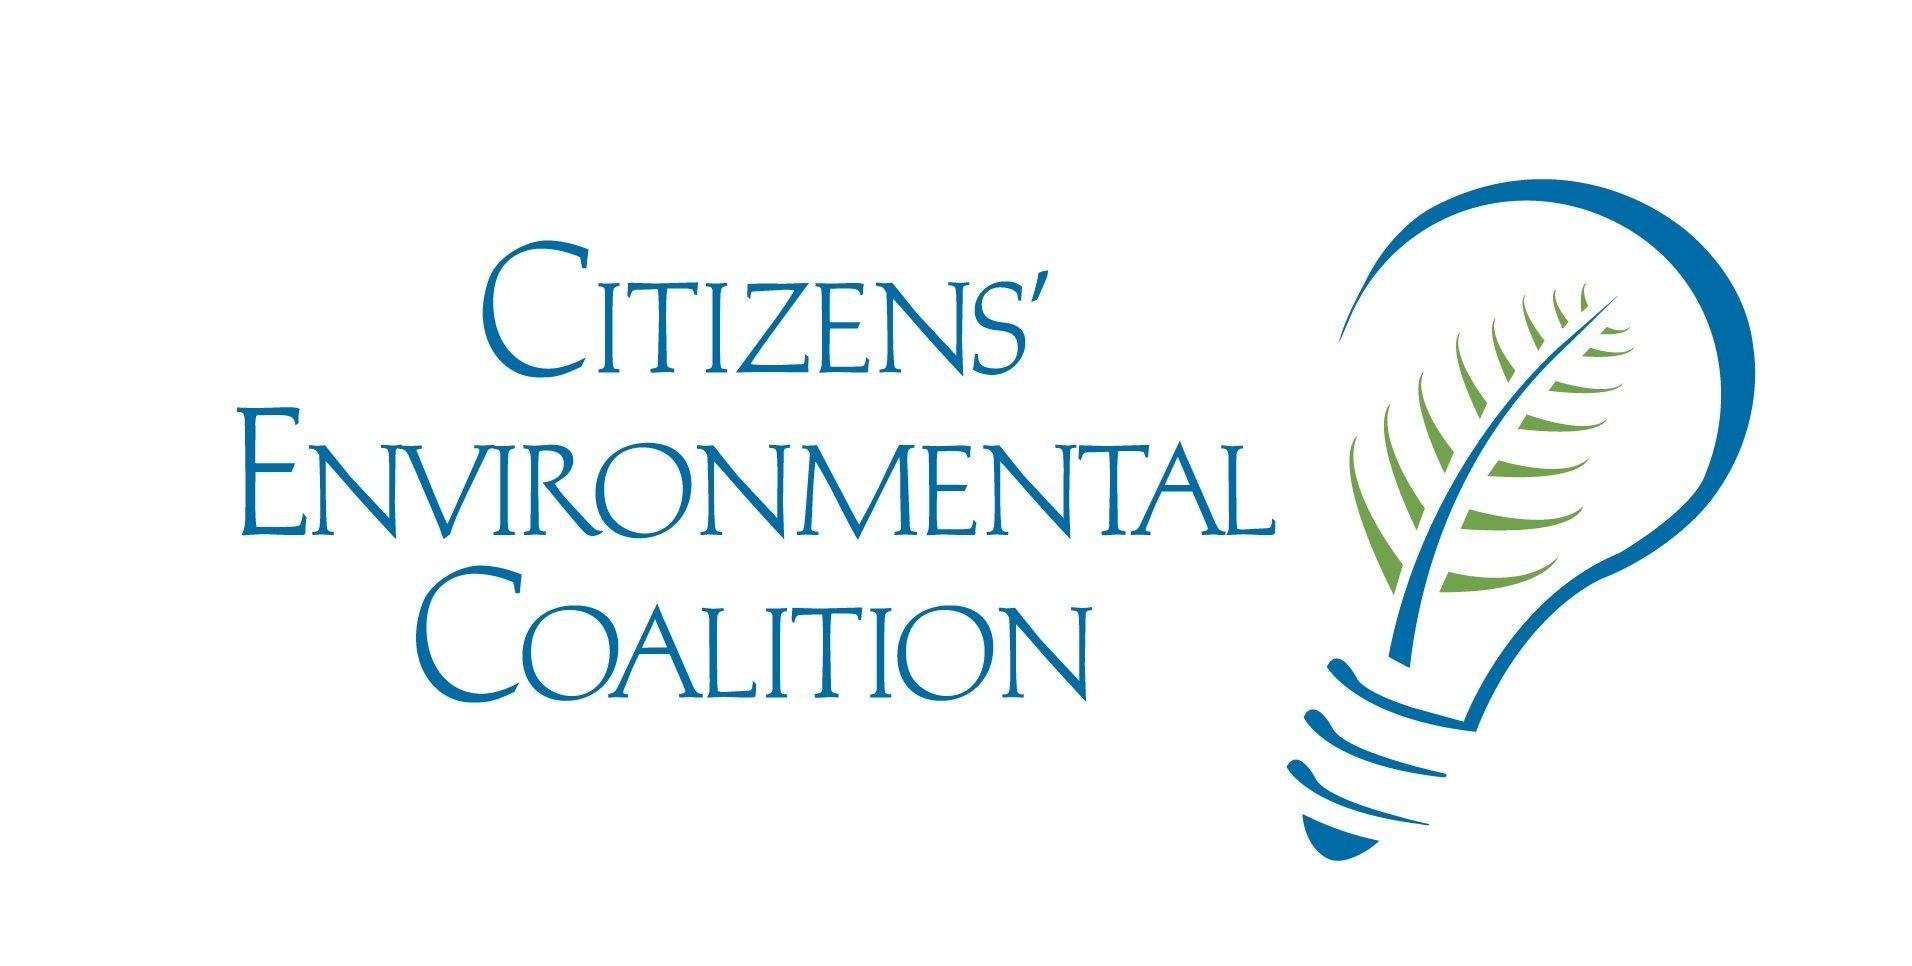 Citizens Environmental Coalition